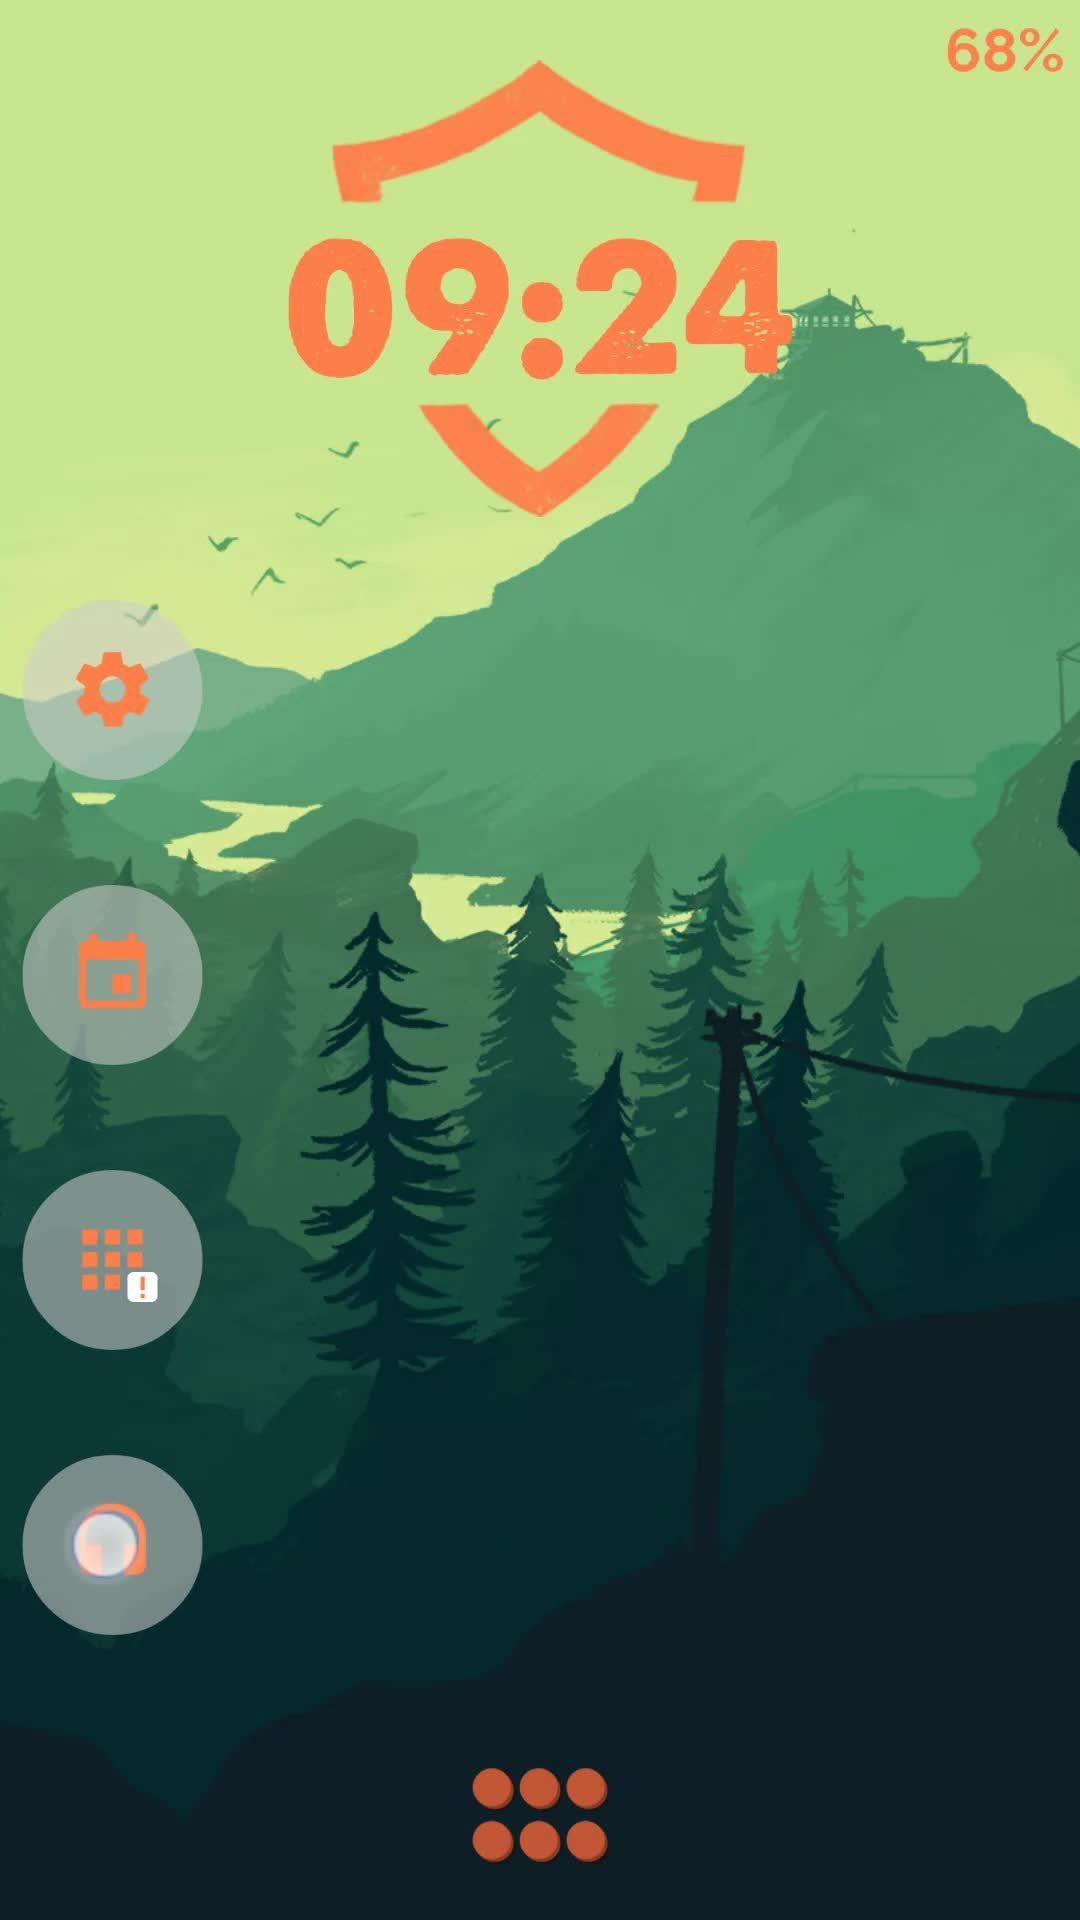 androidthemes, Firewatch Theme 2 GIFs